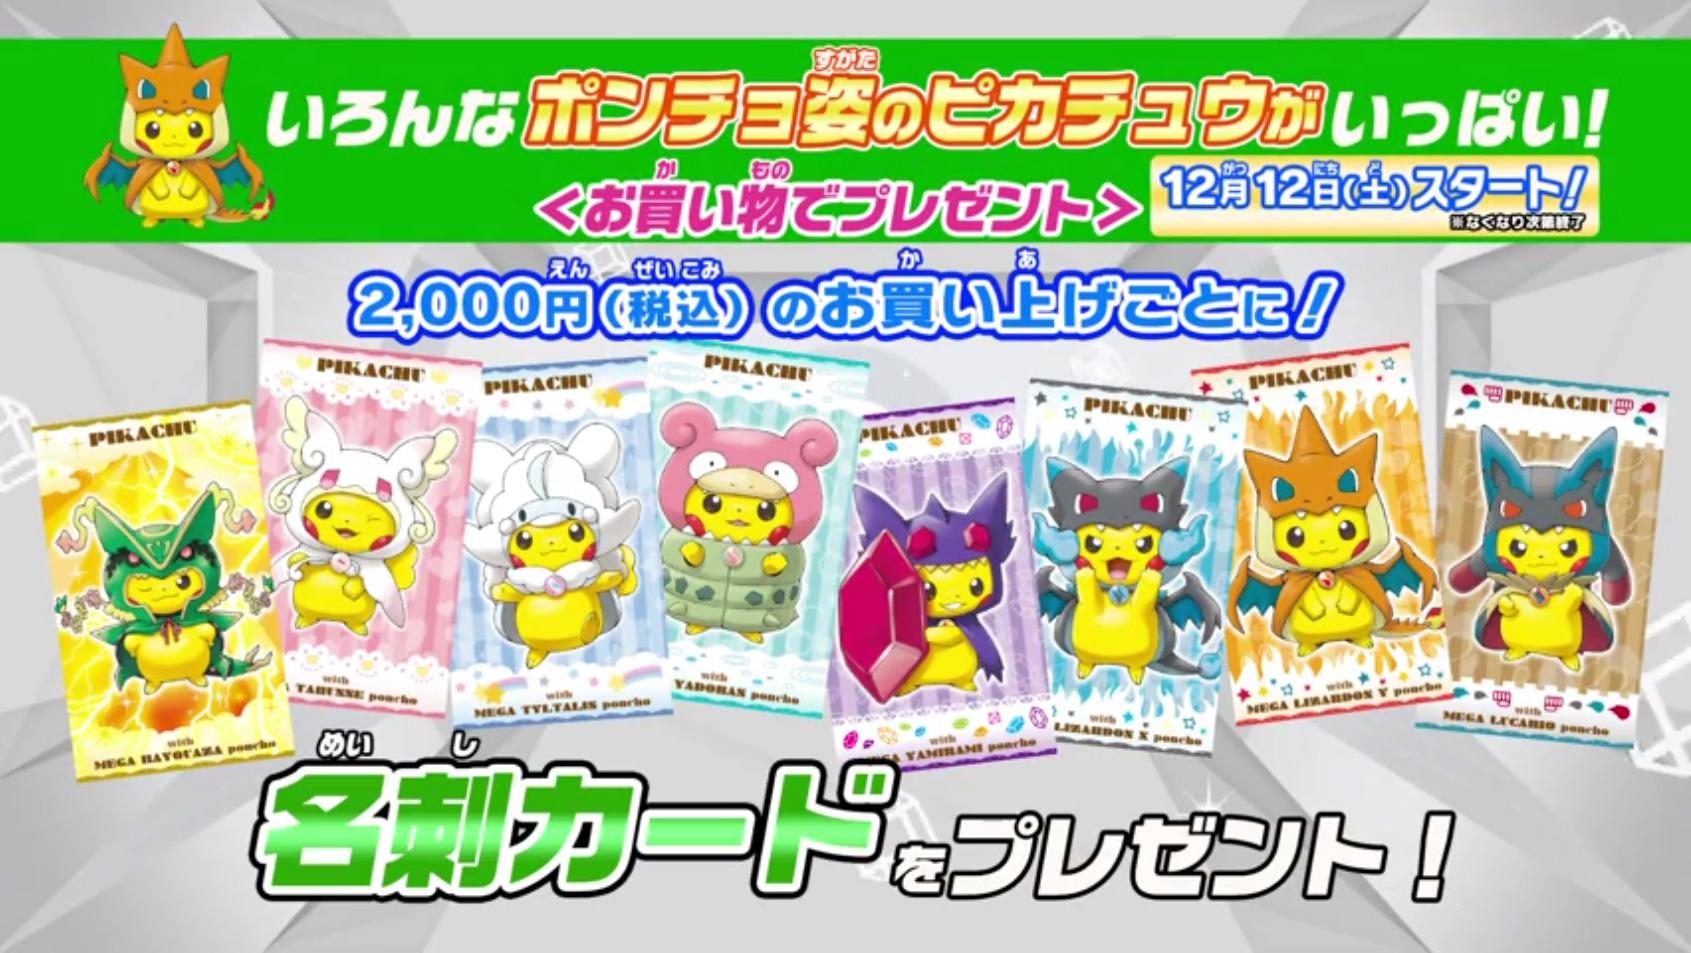 De nouvelles peluches pikachu bient t disponibles - Tenefix evolution ...